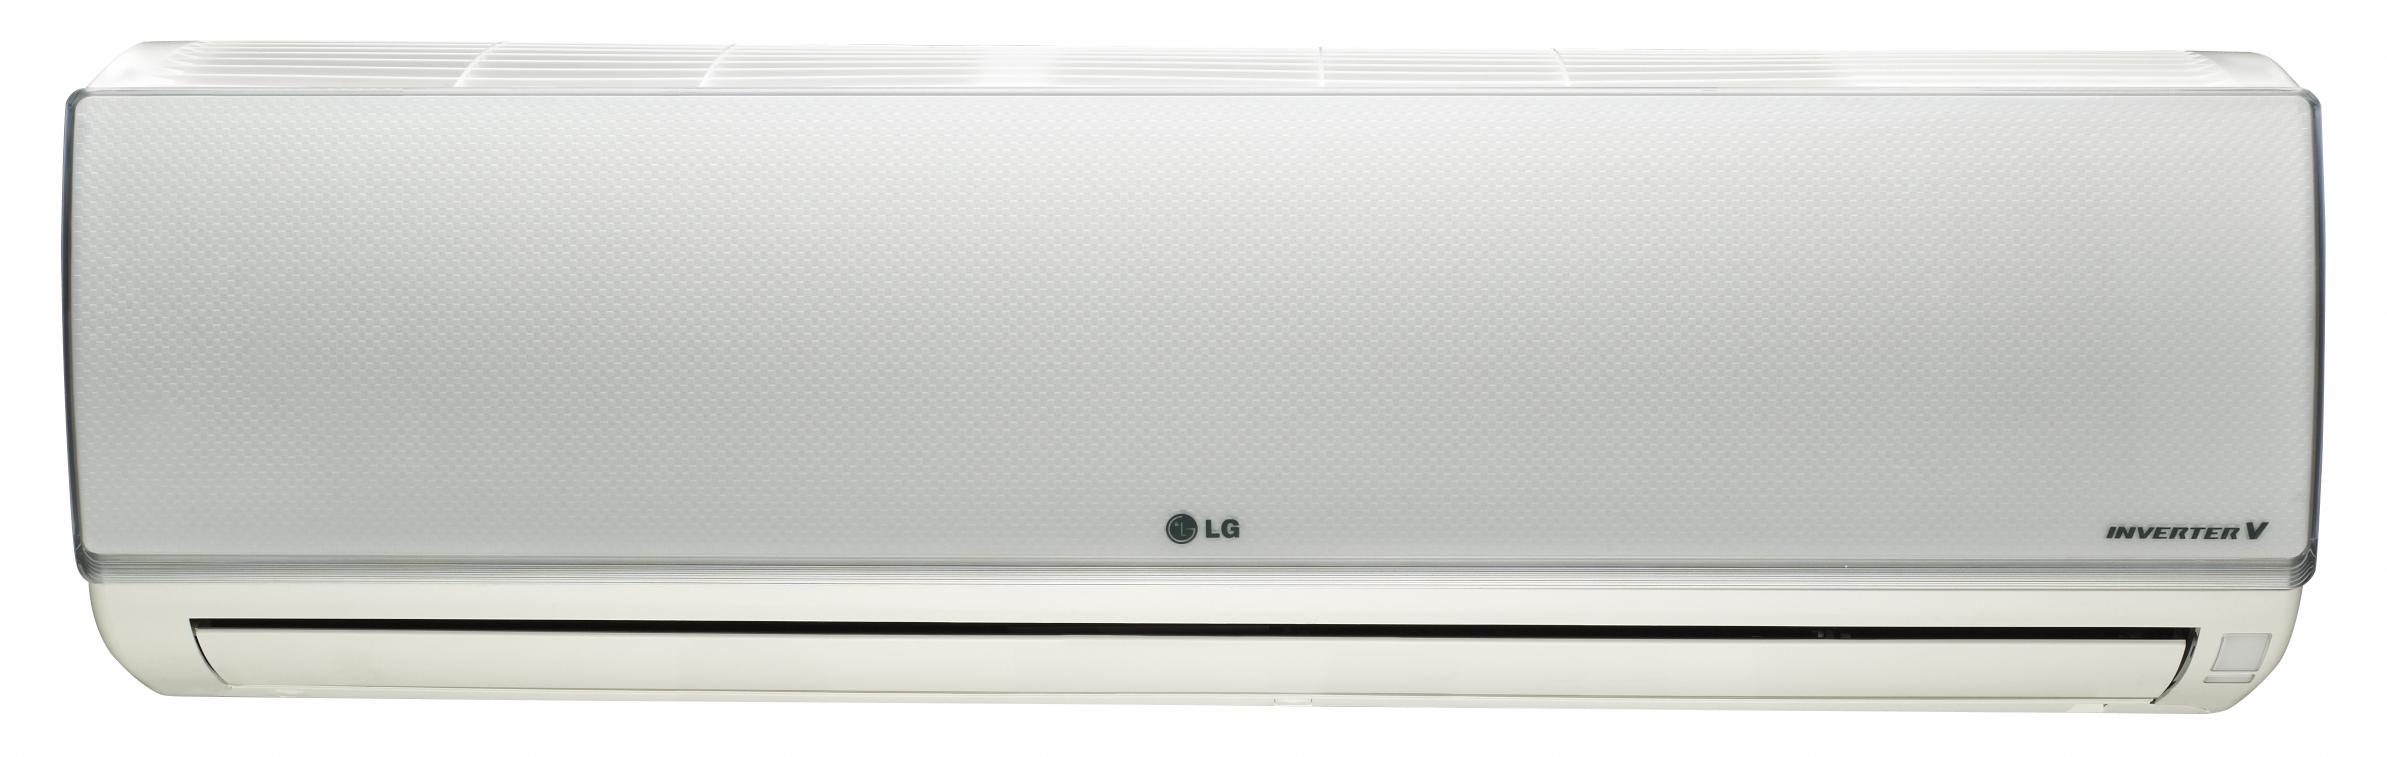 Klimaanlage - wien